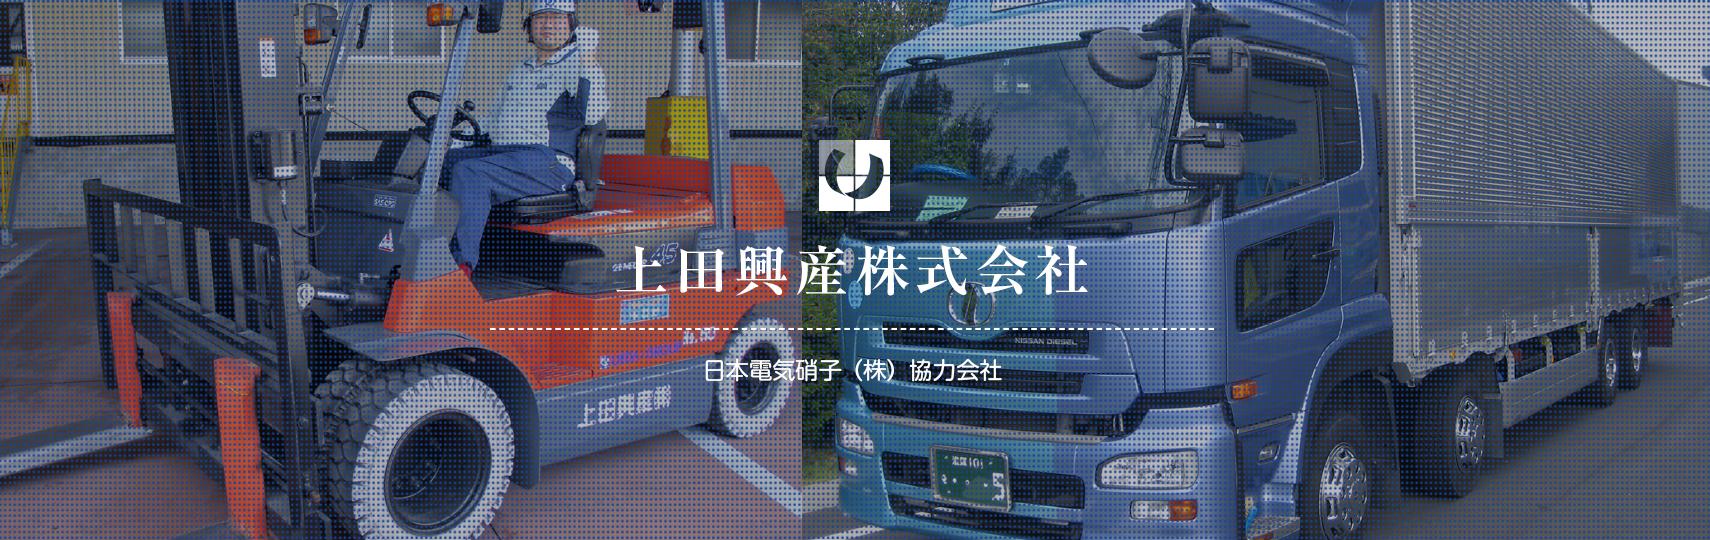 上田興産株株式会社